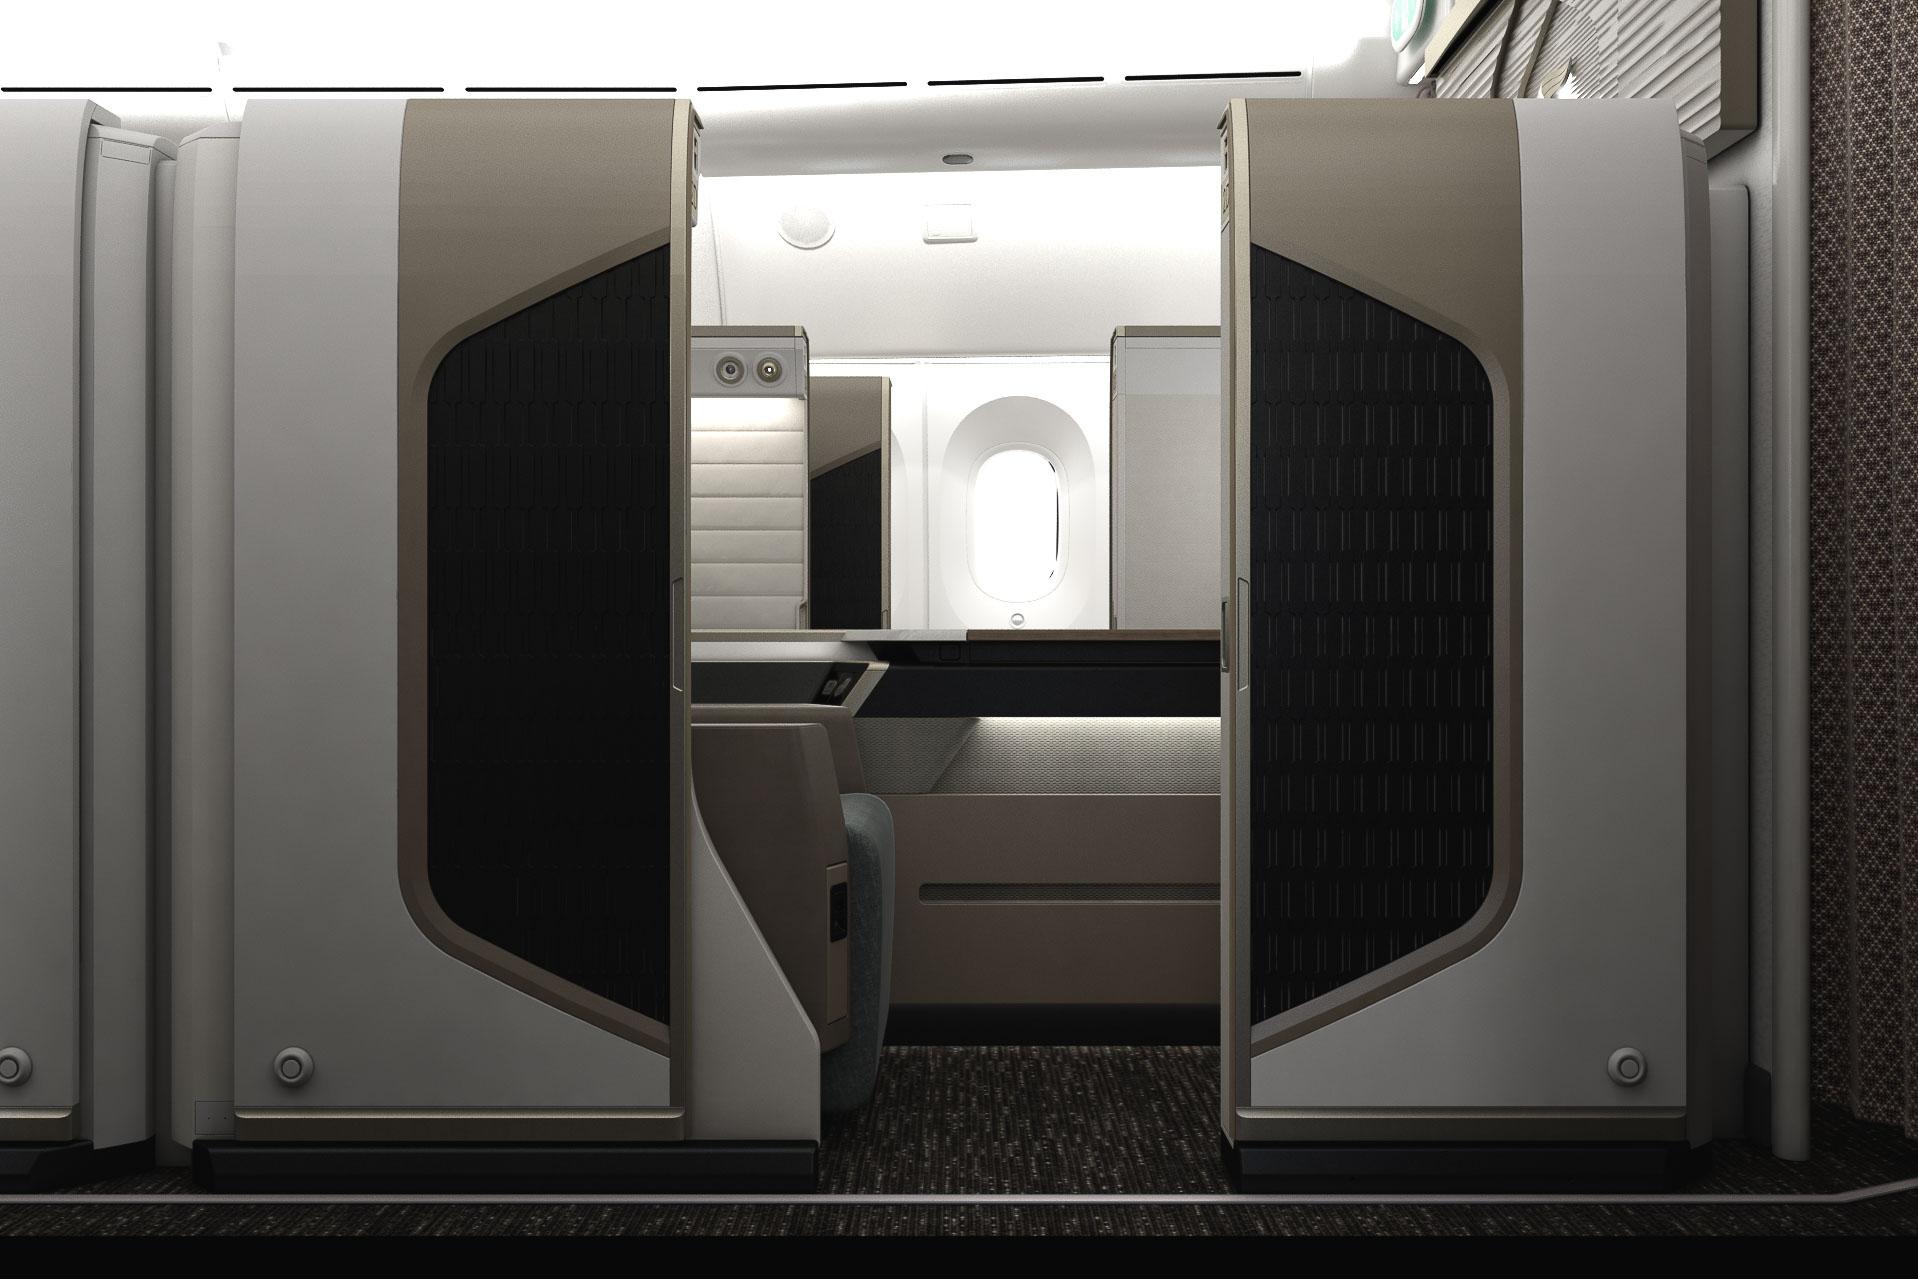 Oman Air - Mini Suite First Class - Vue de profil du siège